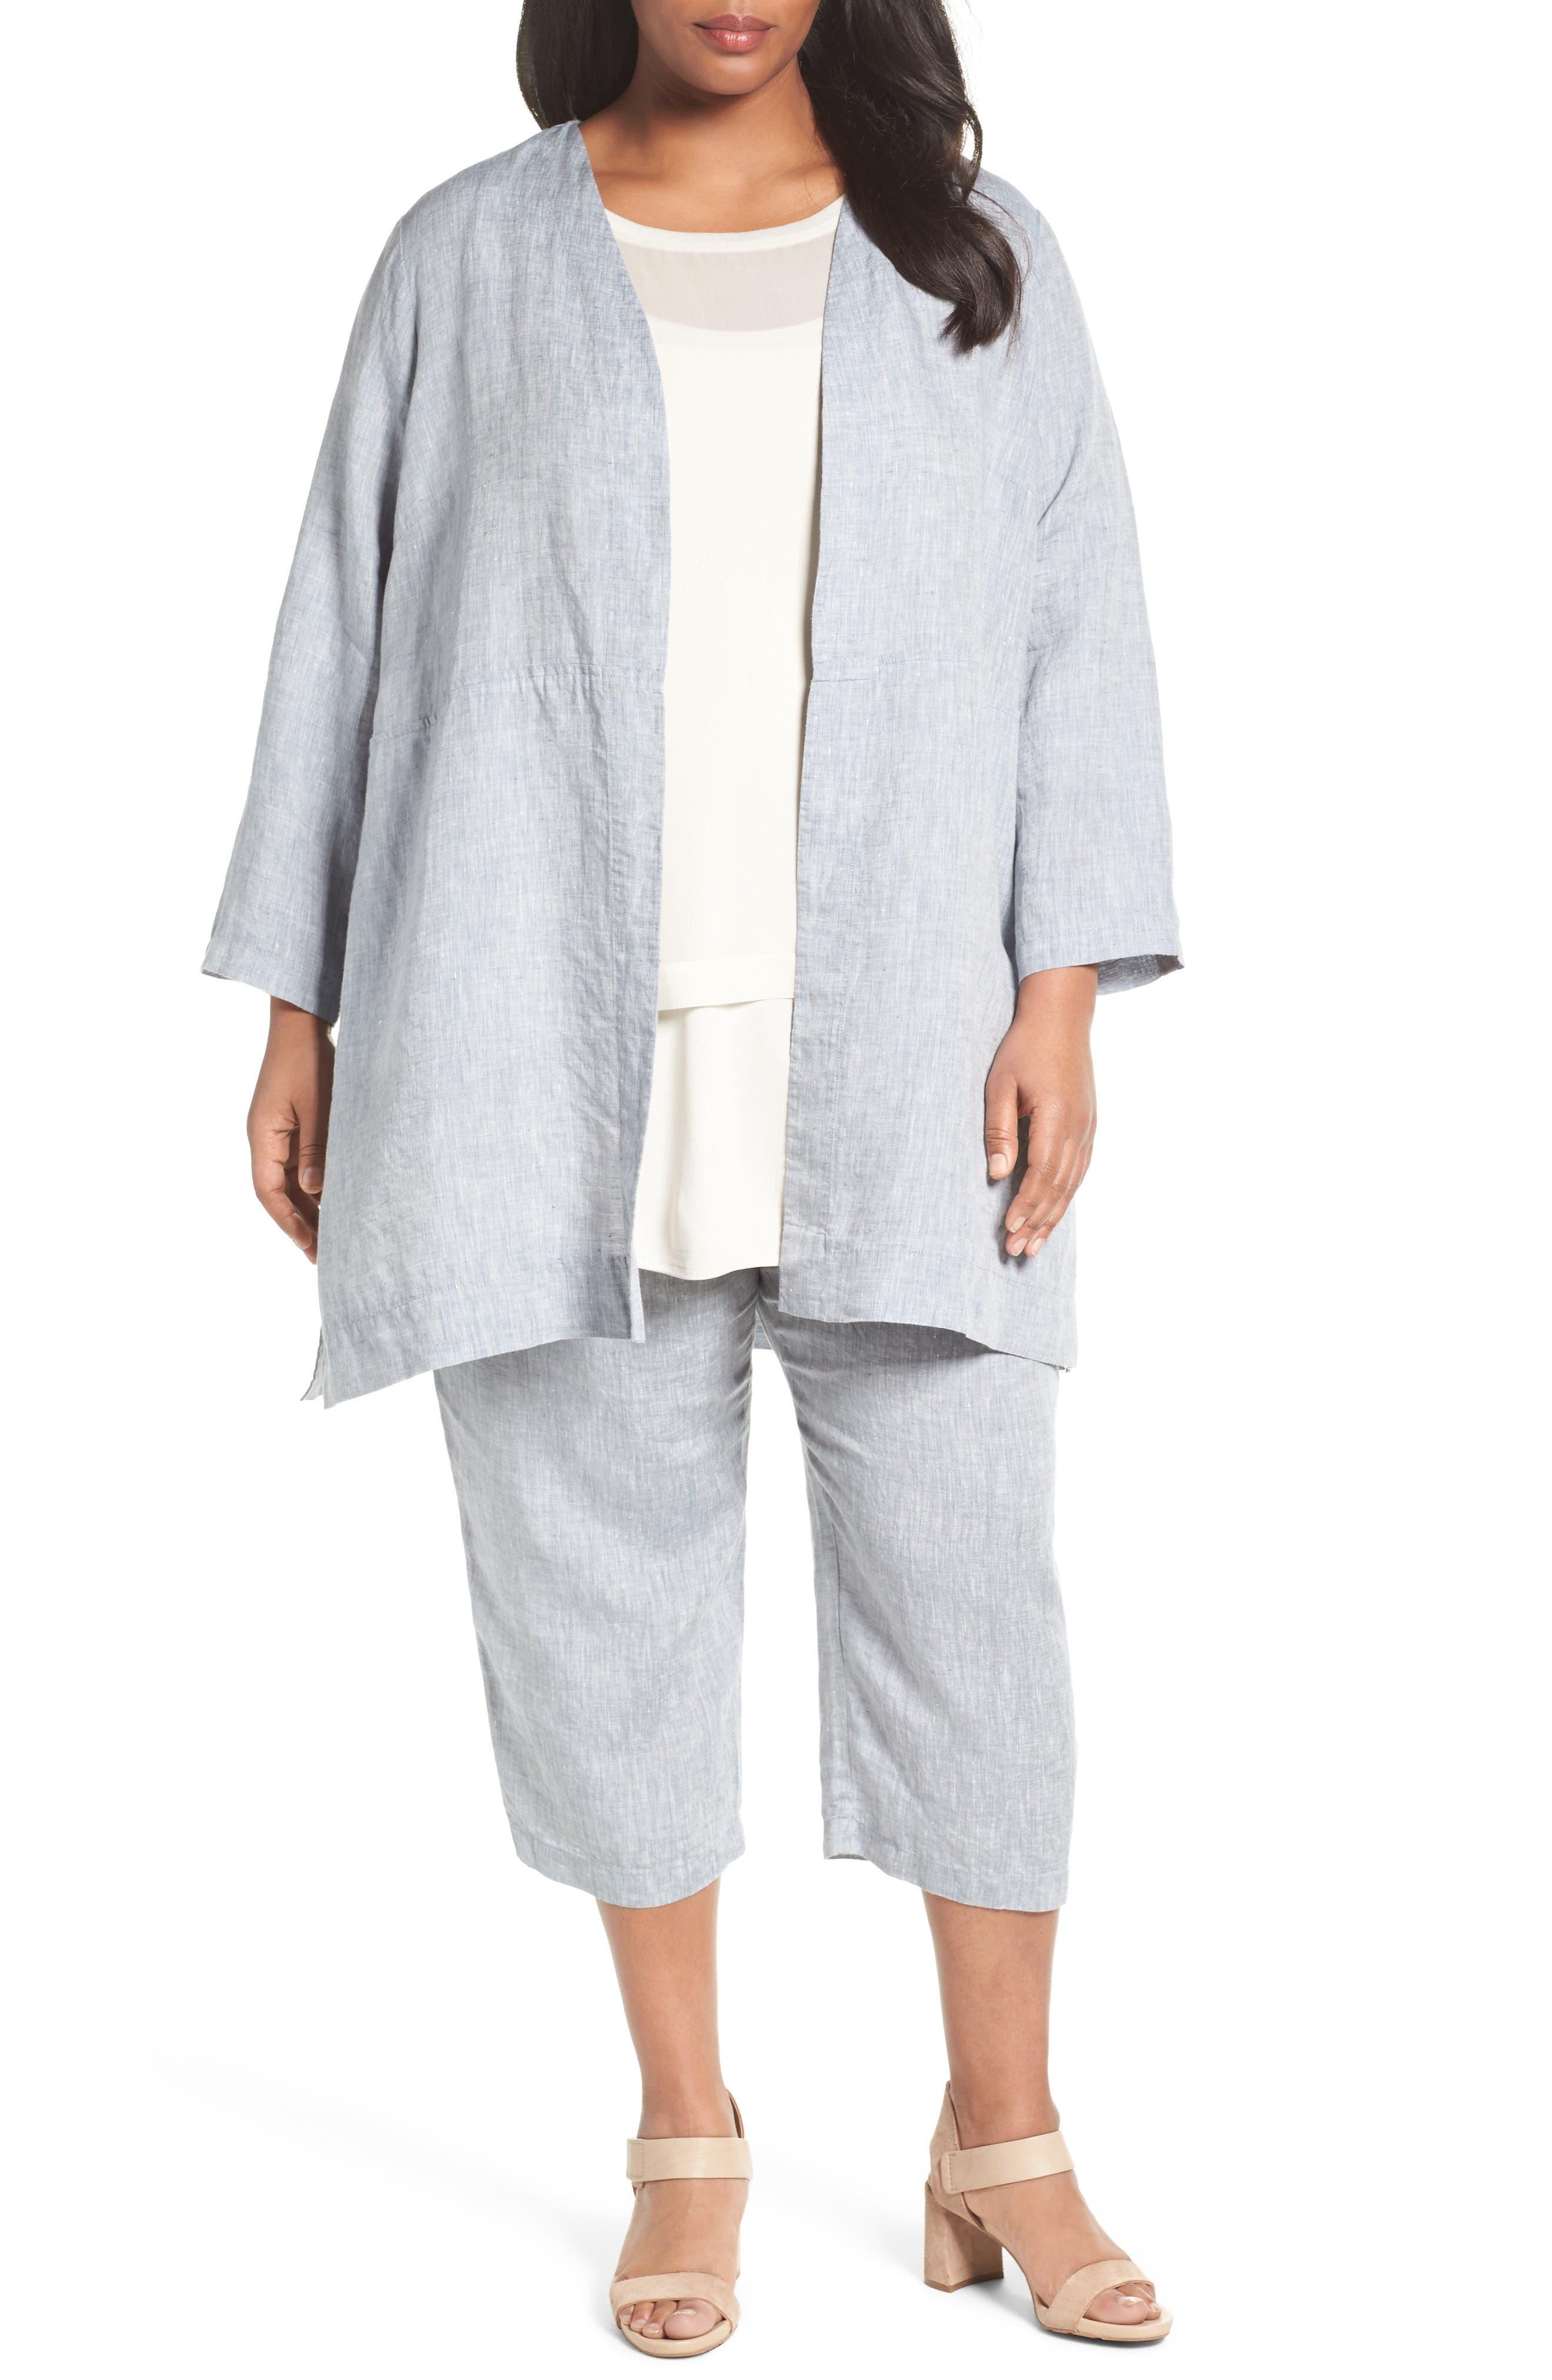 Eileen Fisher Organic Handkerchief Linen Jacket